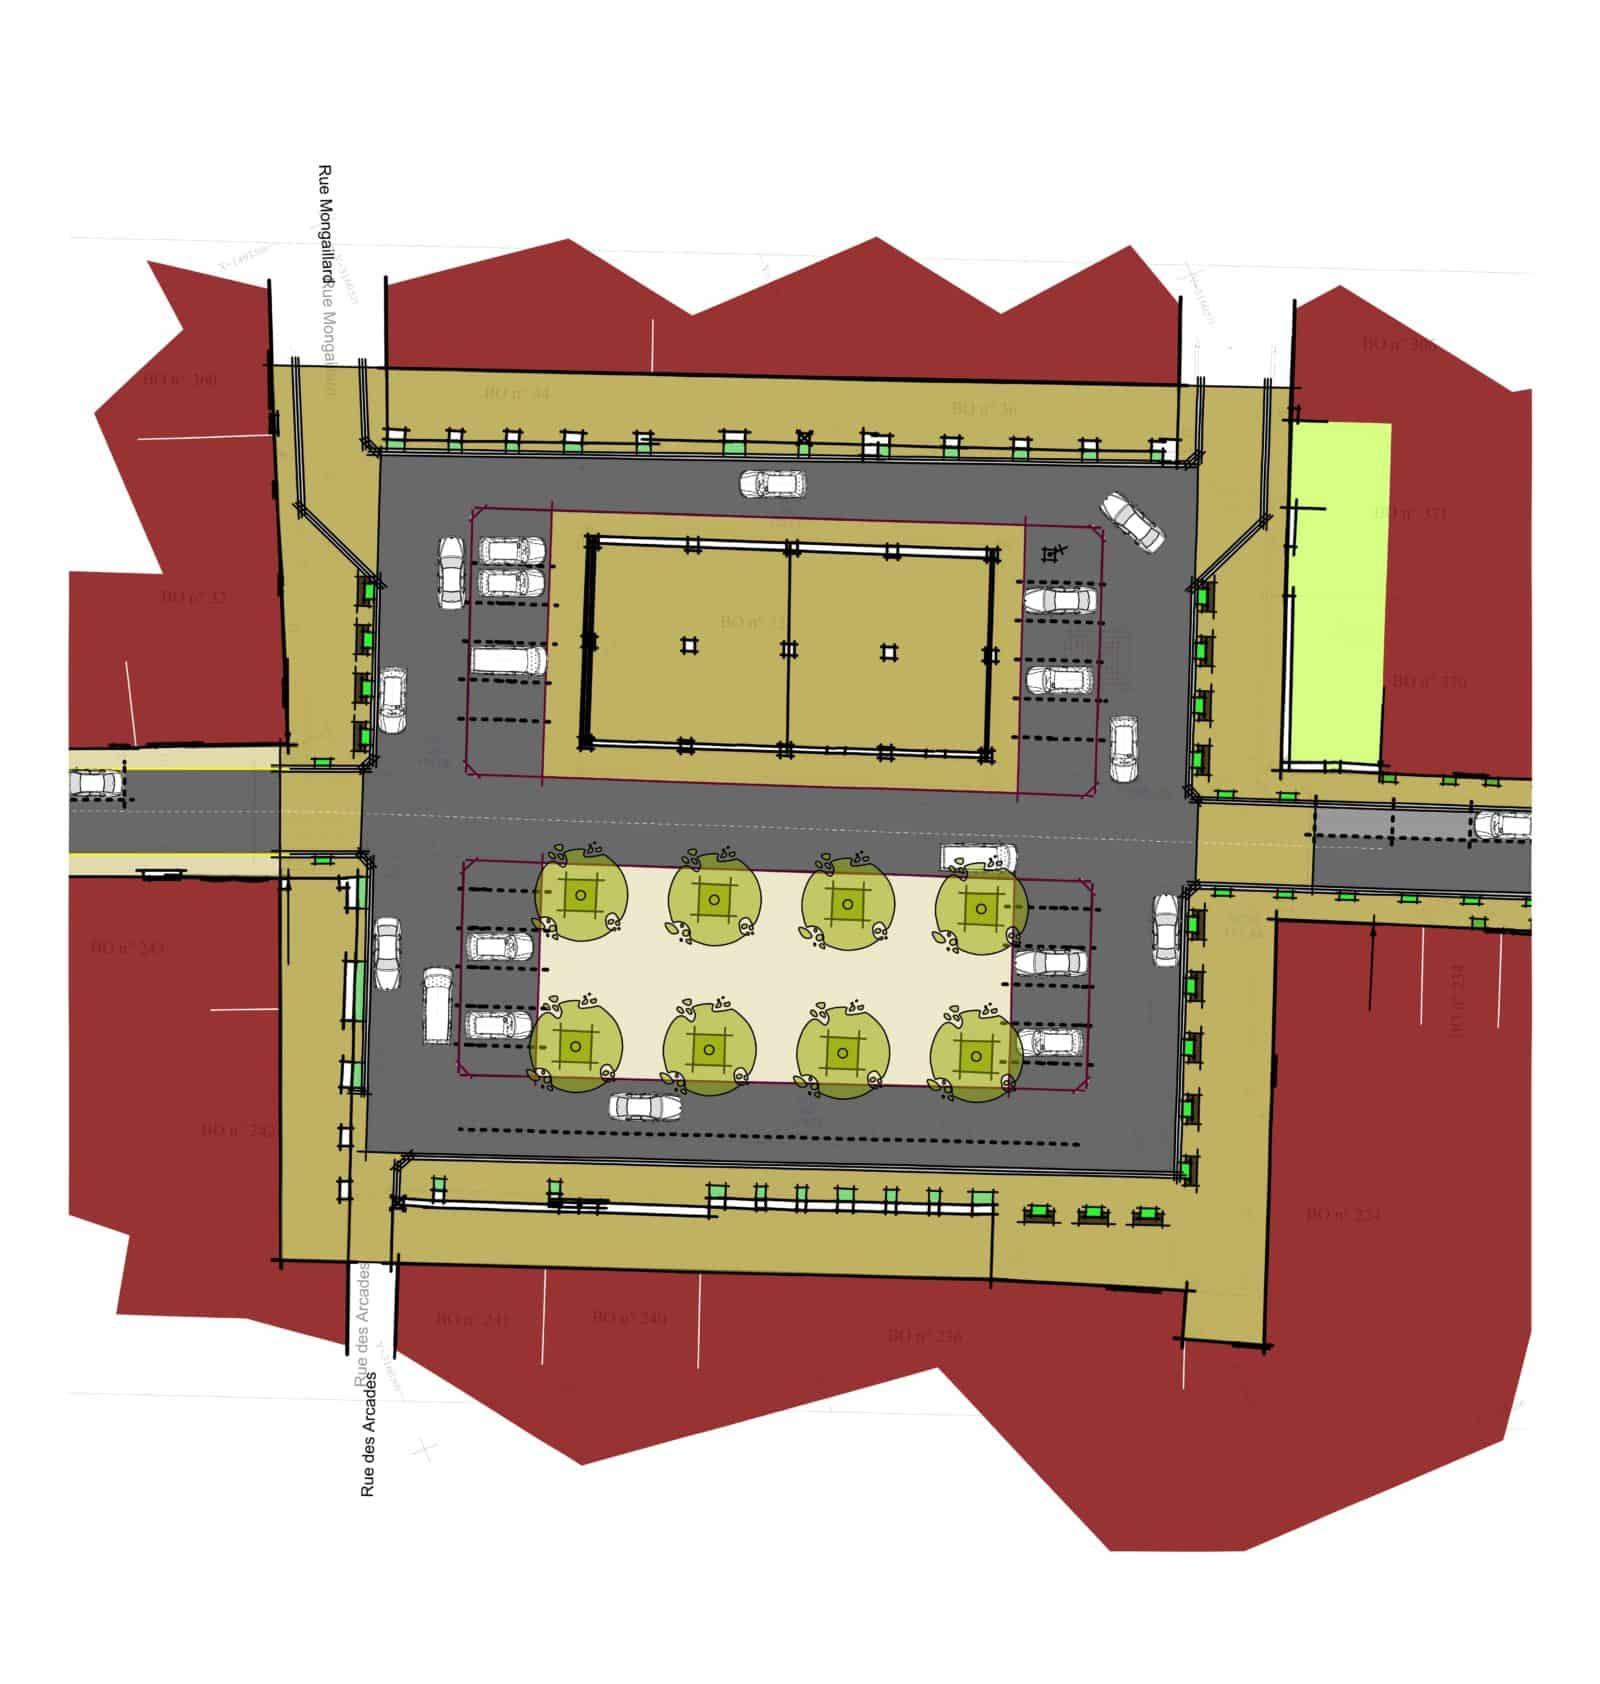 Plan masse : place du marché